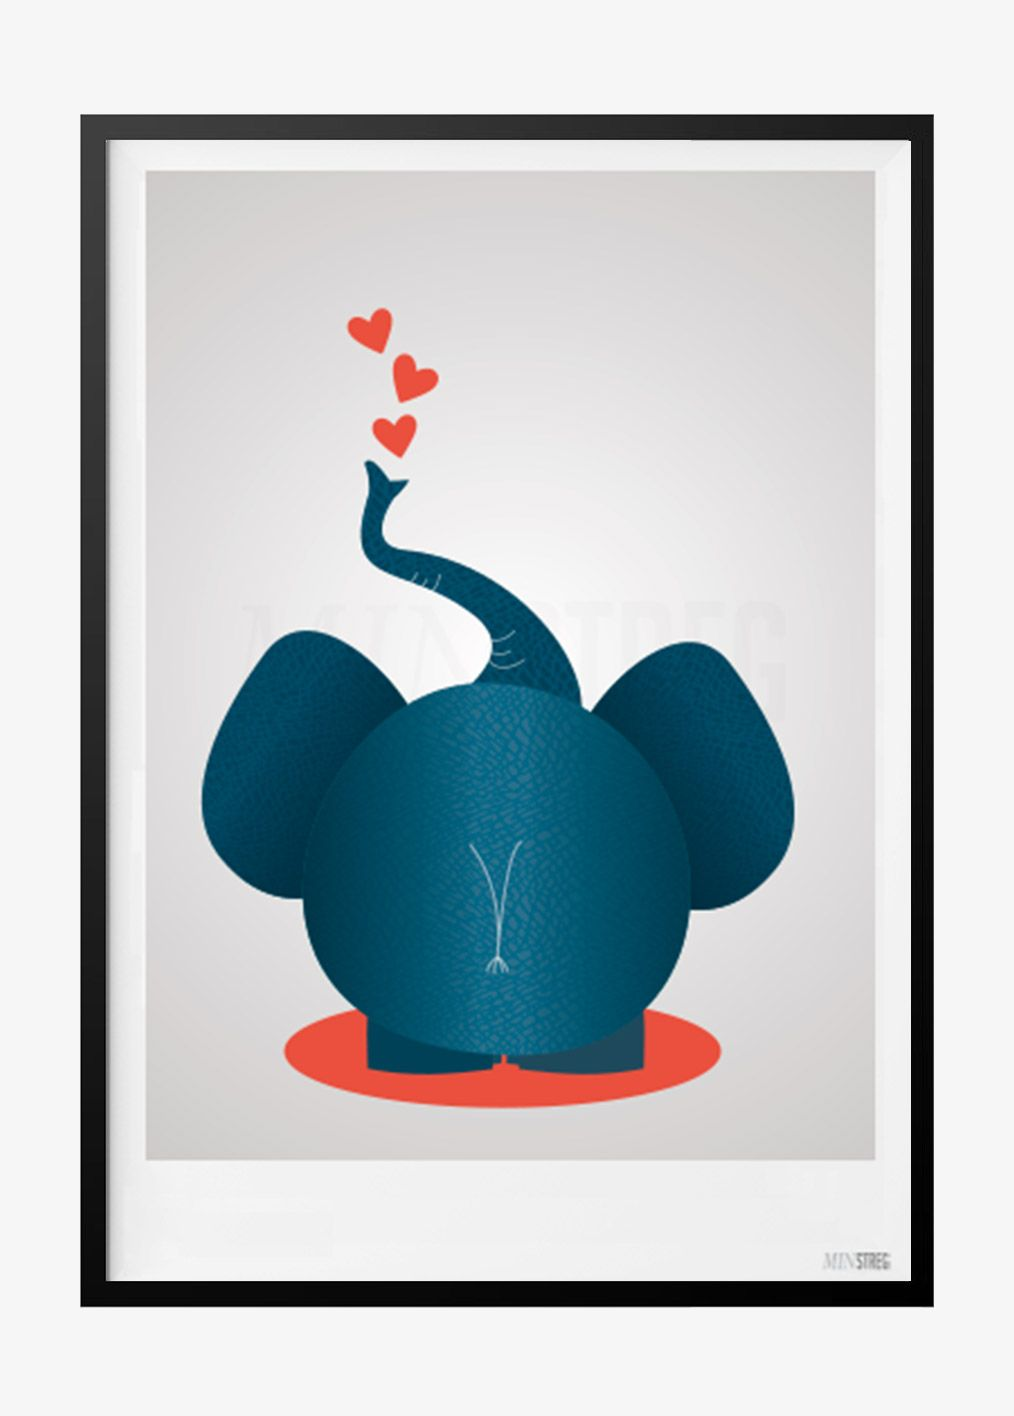 Borneplakat Med Hjerte Og Elefant Hjerte Tegning Elefant Tegning Elefant